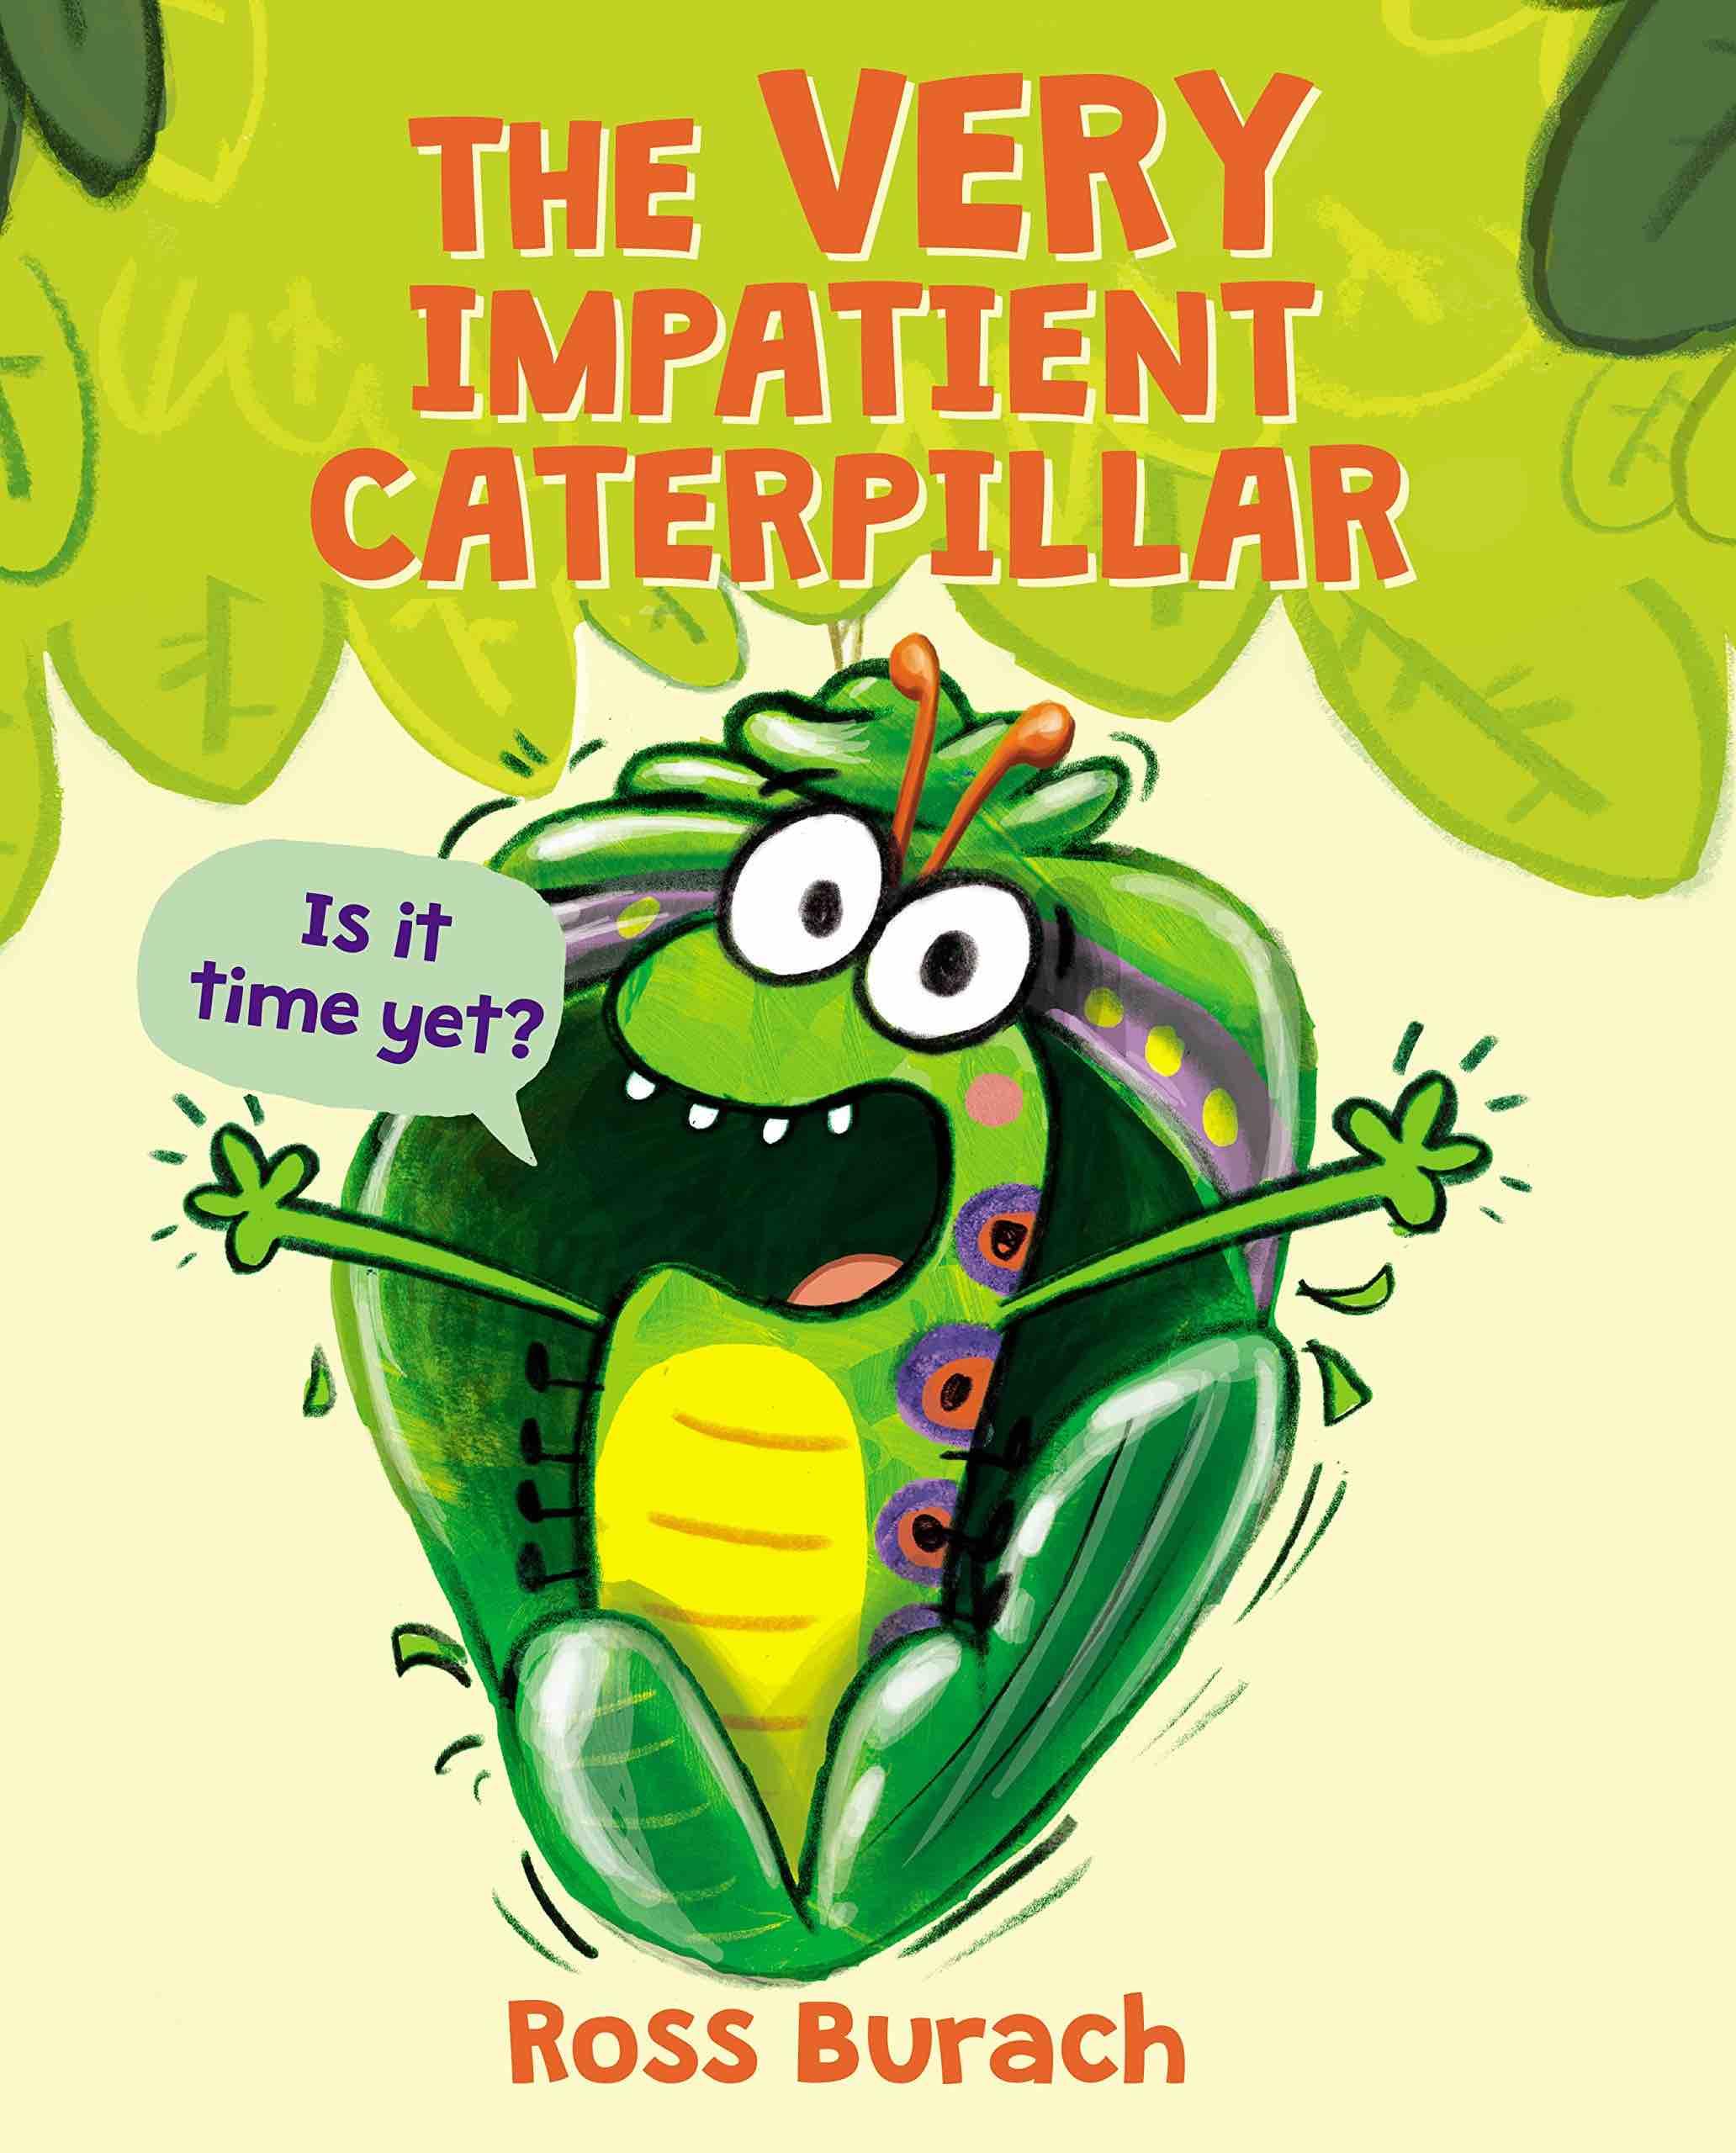 Very Impatient Caterpillar nature